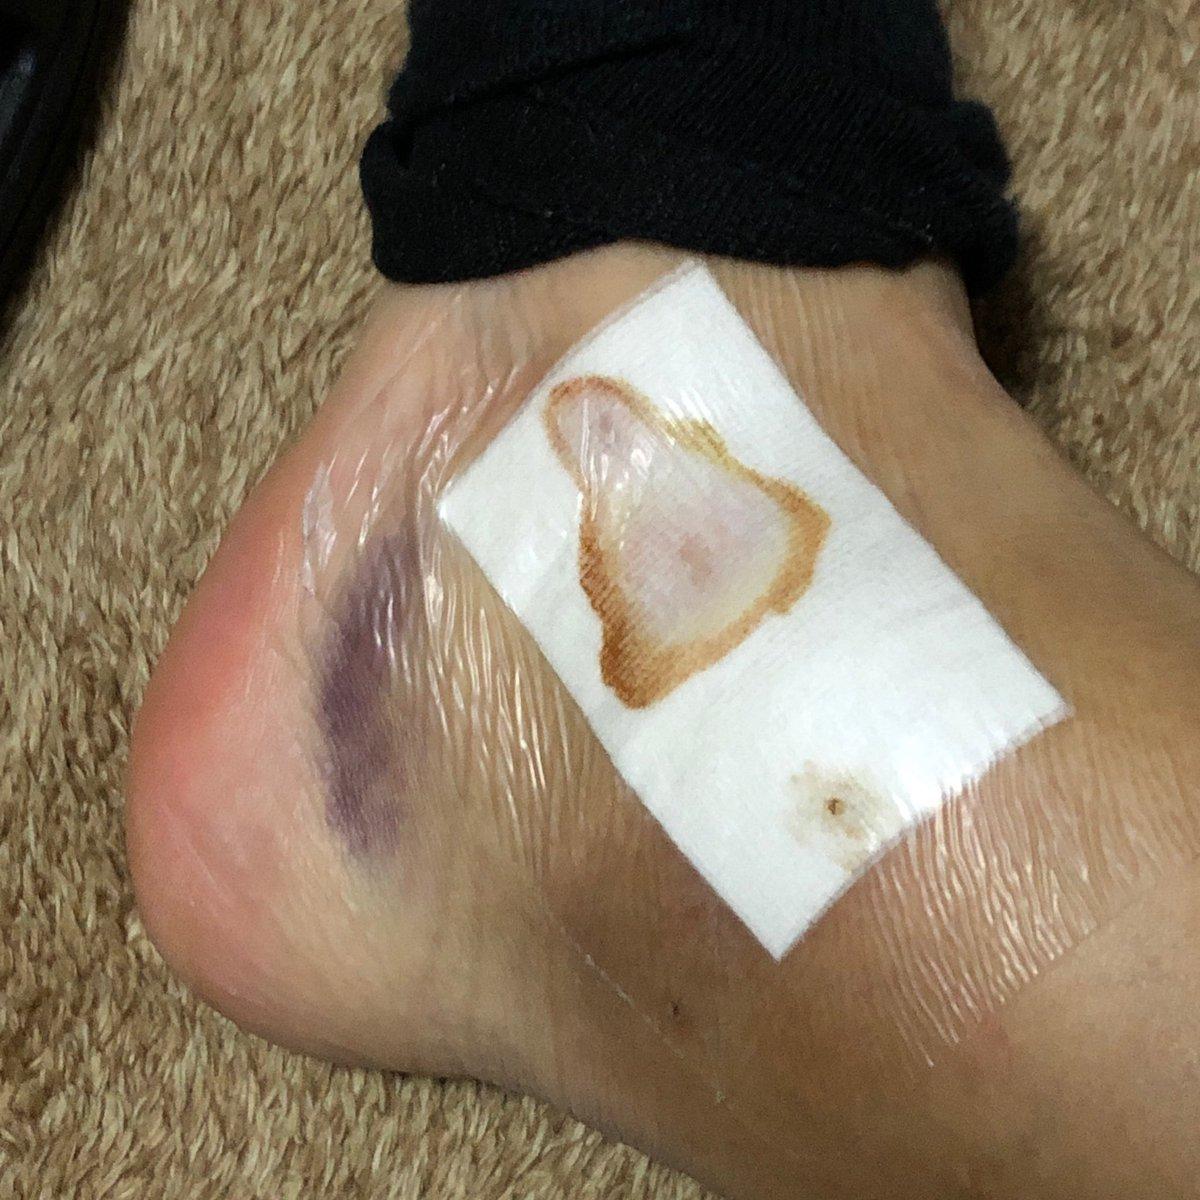 test ツイッターメディア - 閲覧注意 怪我の記録  内出血が表に出てきた腫れは引かずに変わらず😆 痛くても動くから問題なし! https://t.co/gfzdTxGQ5U